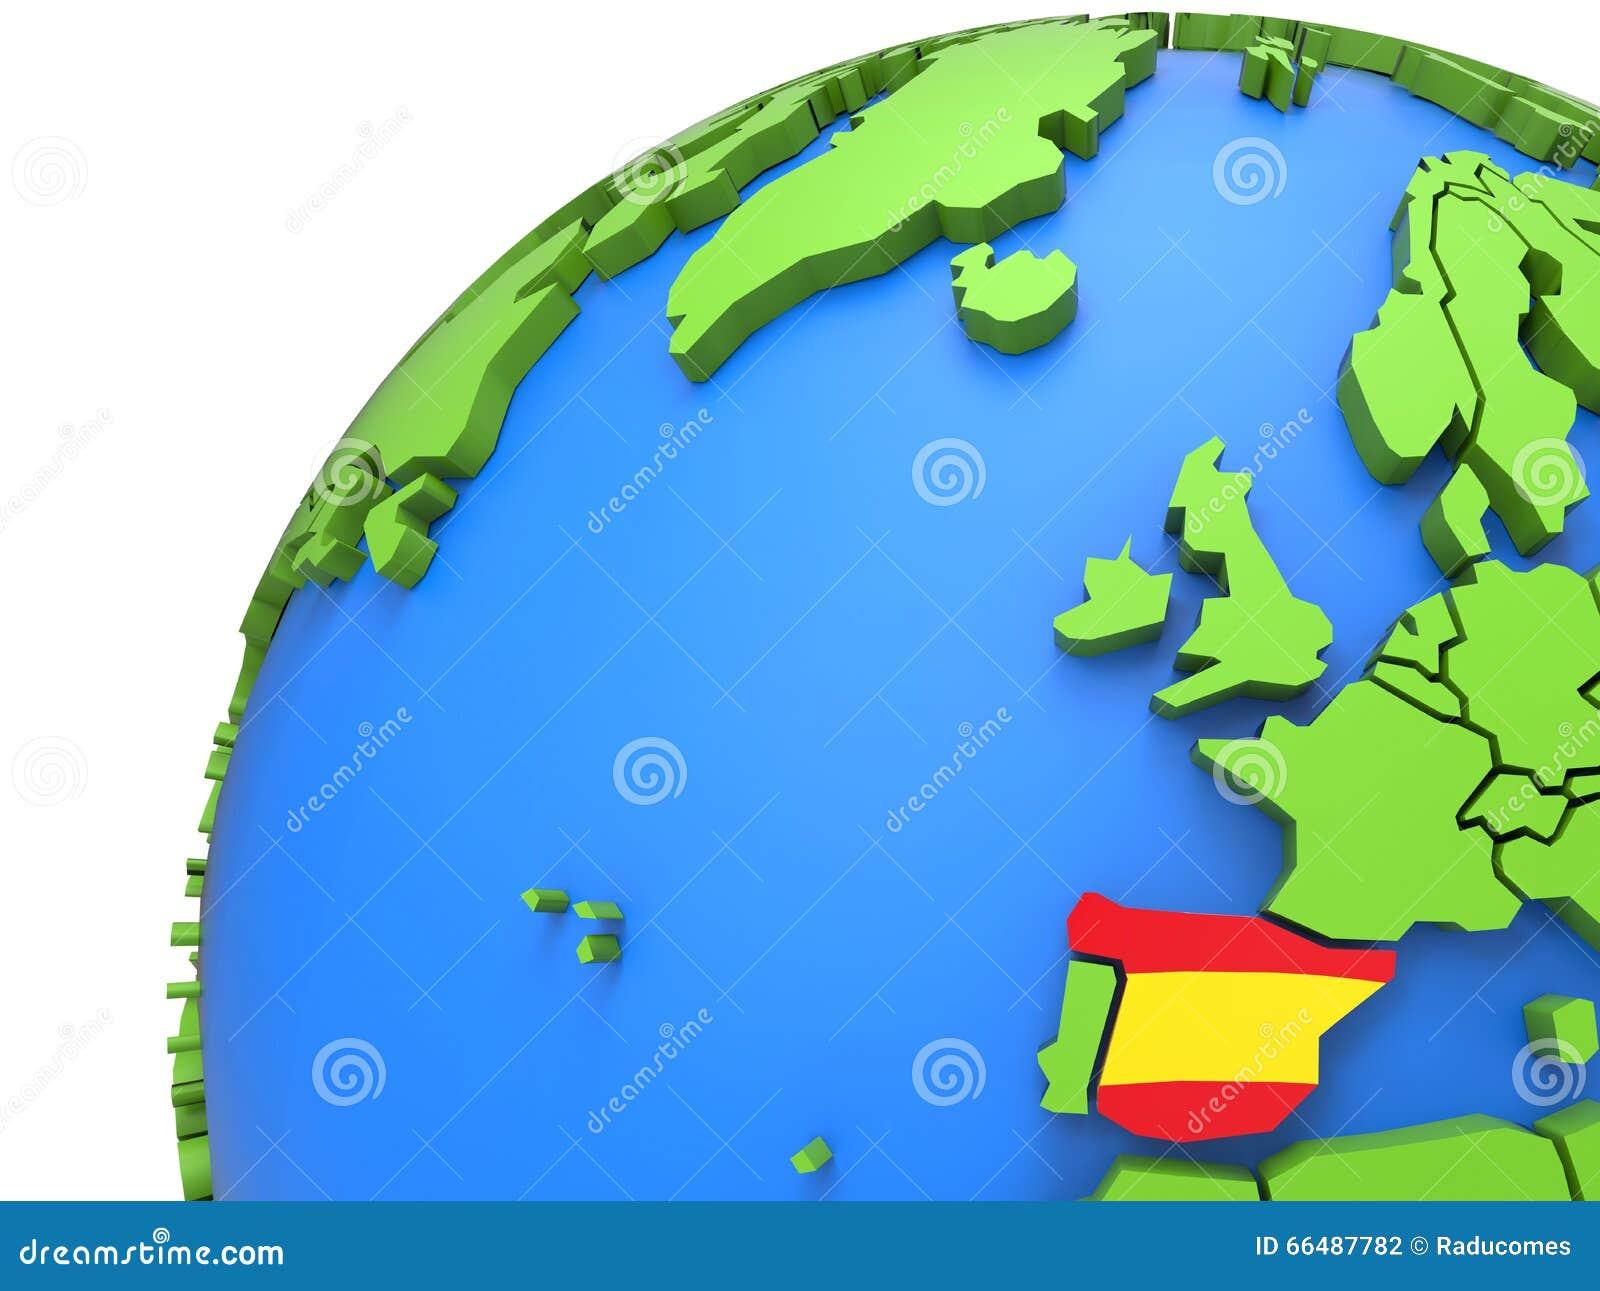 Σημαία της Ισπανίας σε όλη την τρισδιάστατη γήινη υδρόγειο